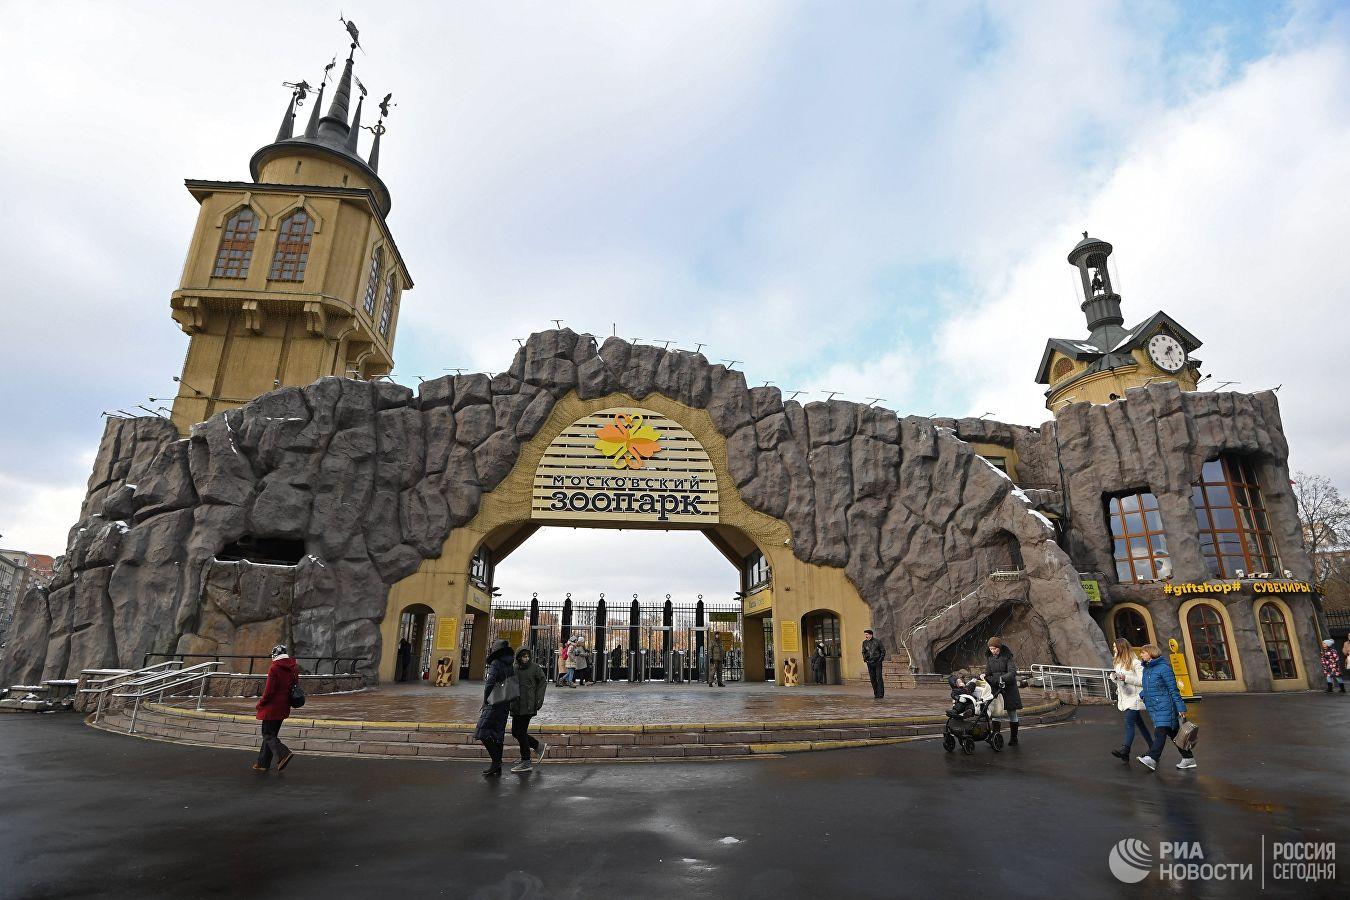 Картинки, картинки московского зоопарка распечатать